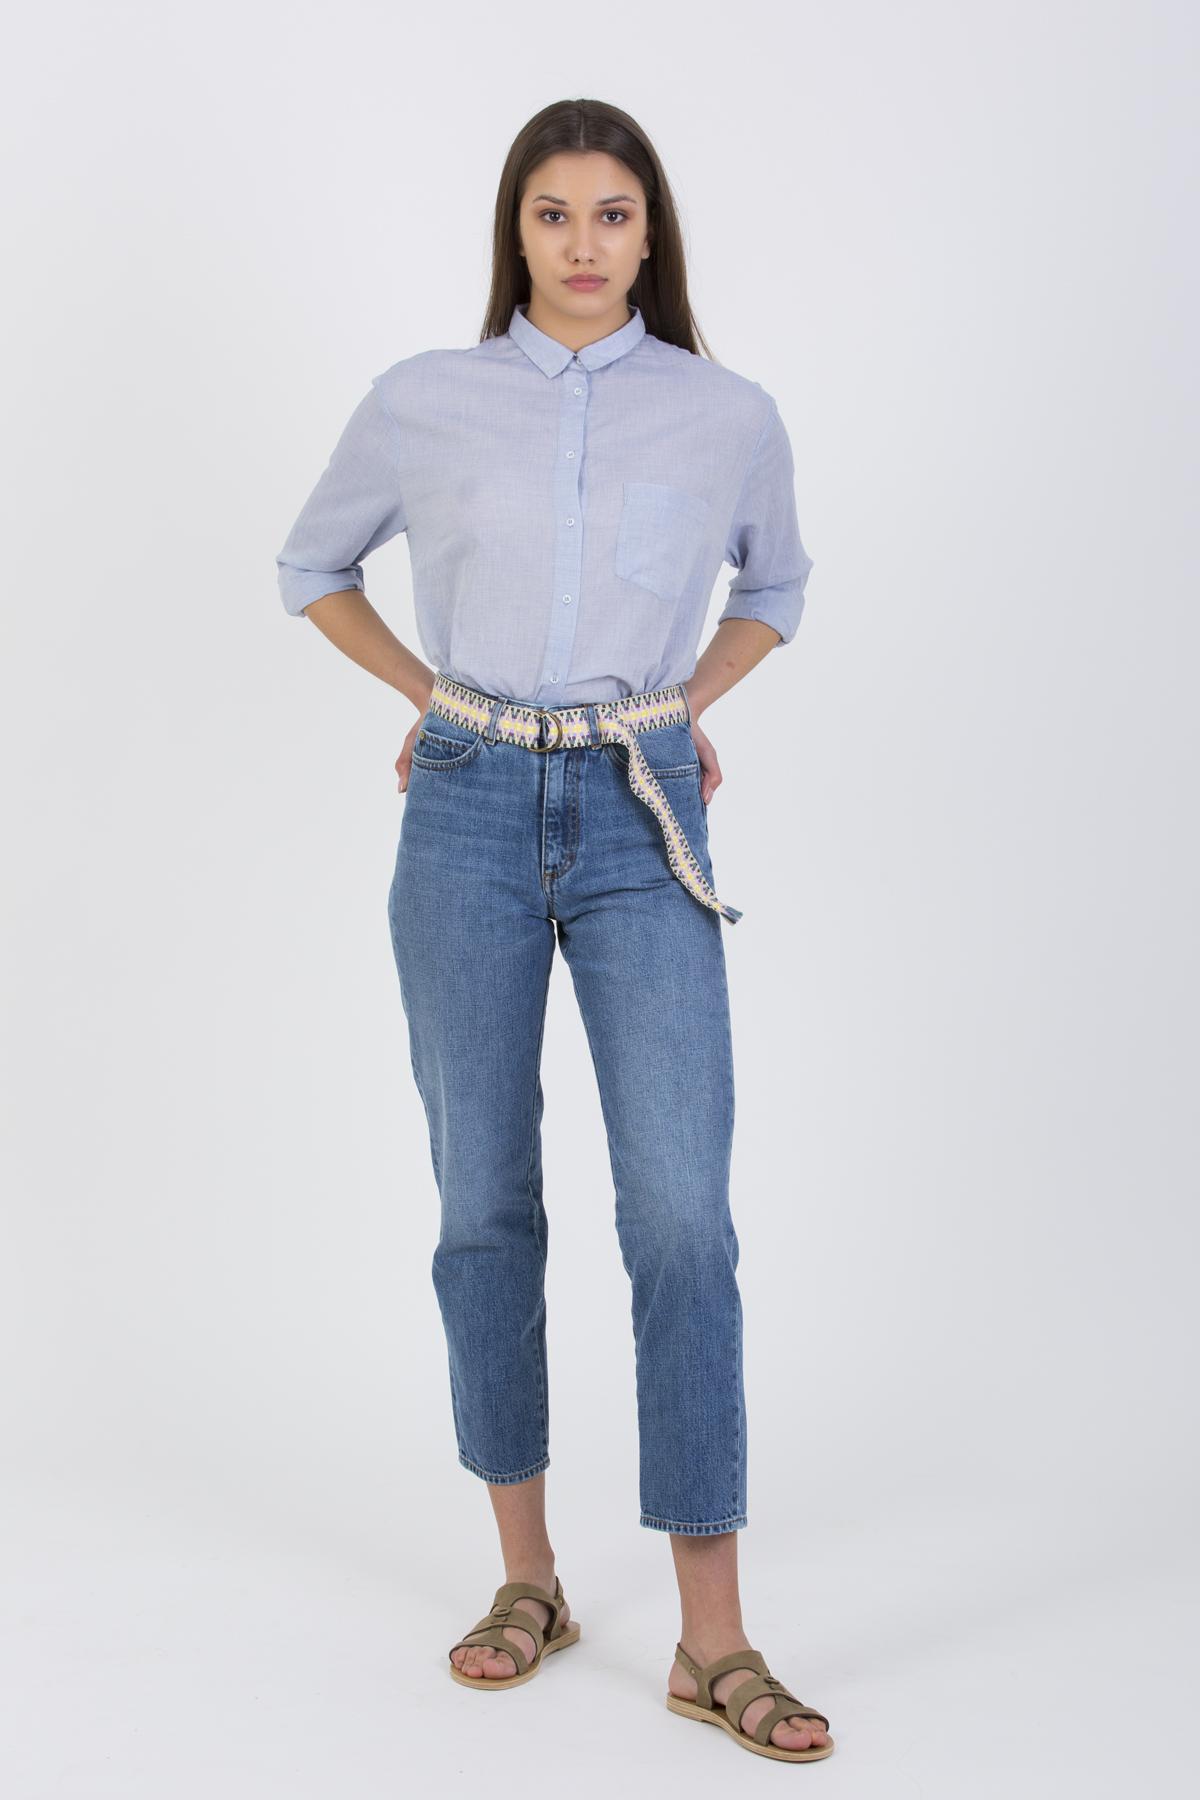 manon-blue-shirt-cotton-sacrecoeur-matchboxathens